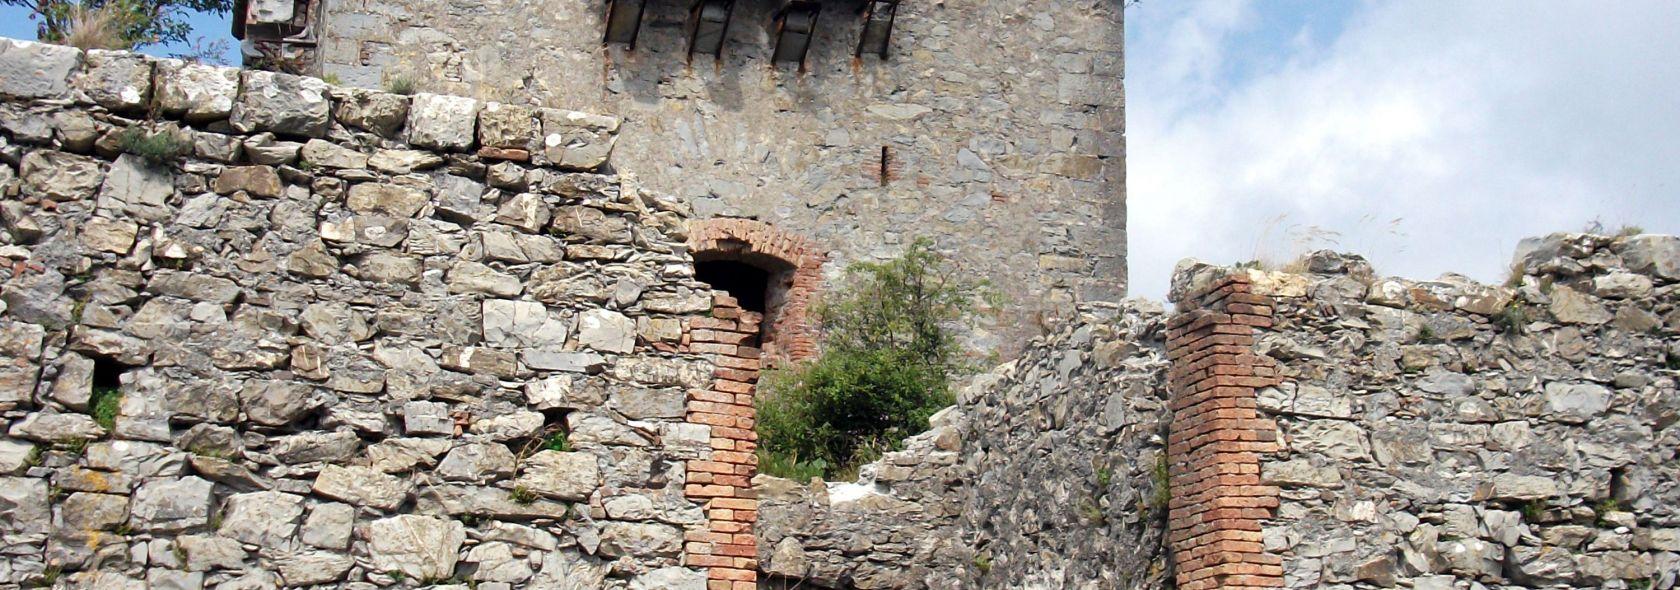 Forte Fratello Minore - foto: Archivio Ufficio Parco Urbano delle Mura